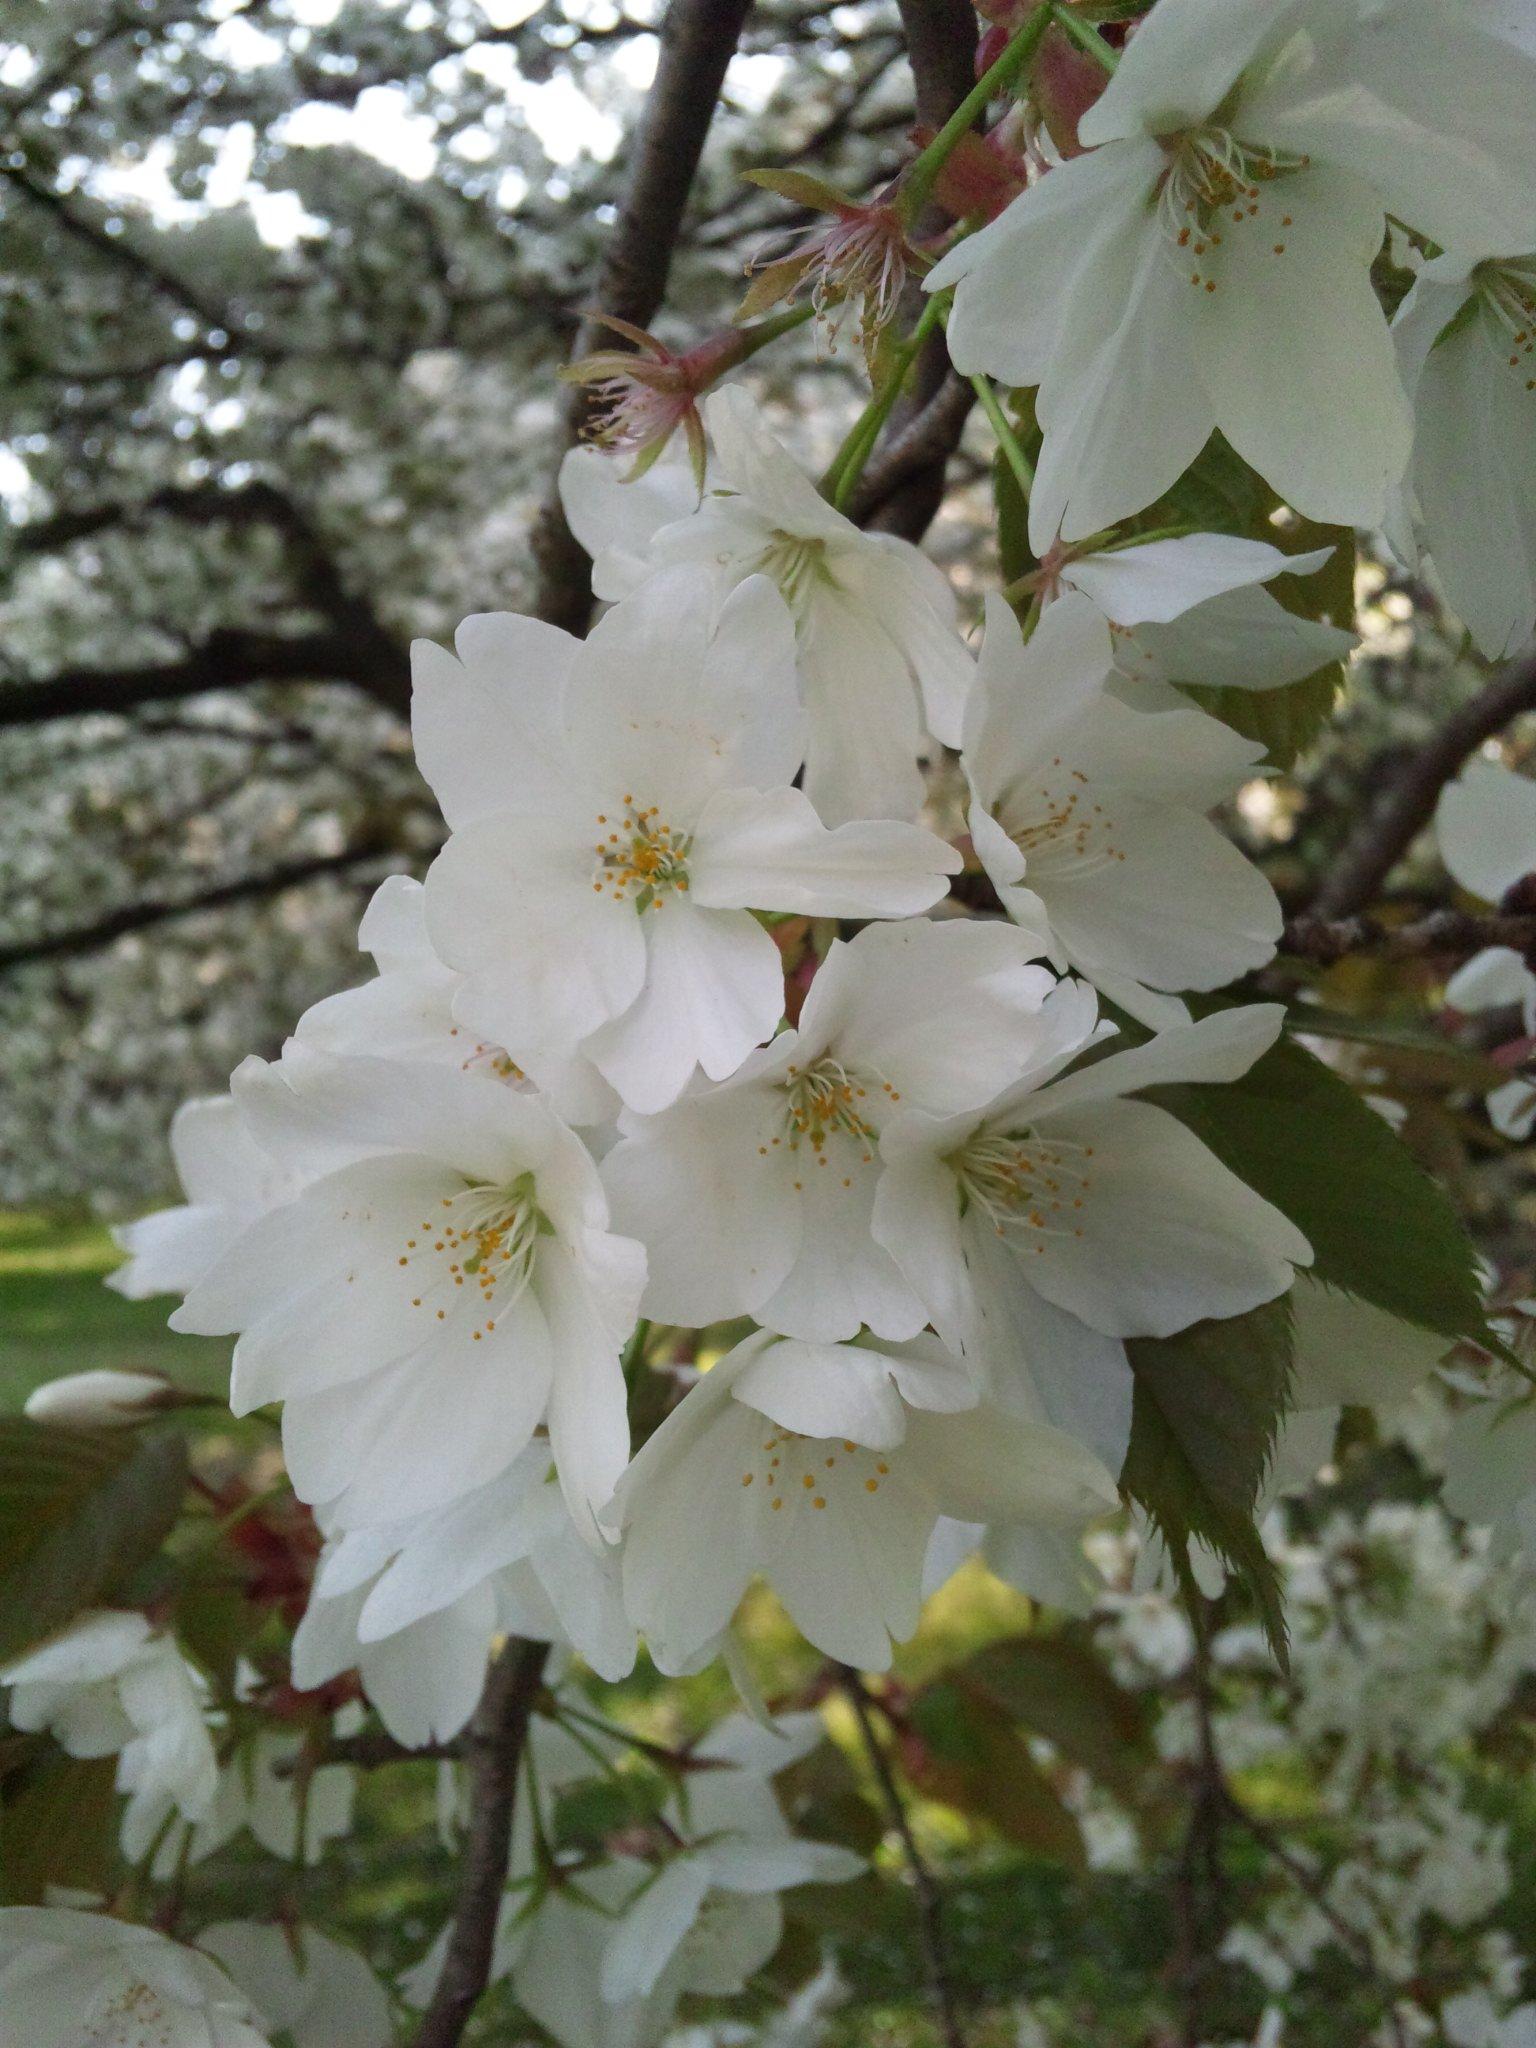 桜といえば、ソメイヨシノが代表的な日本の桜であるが、オオシマザクラ(大島... 桜の花にこめられ